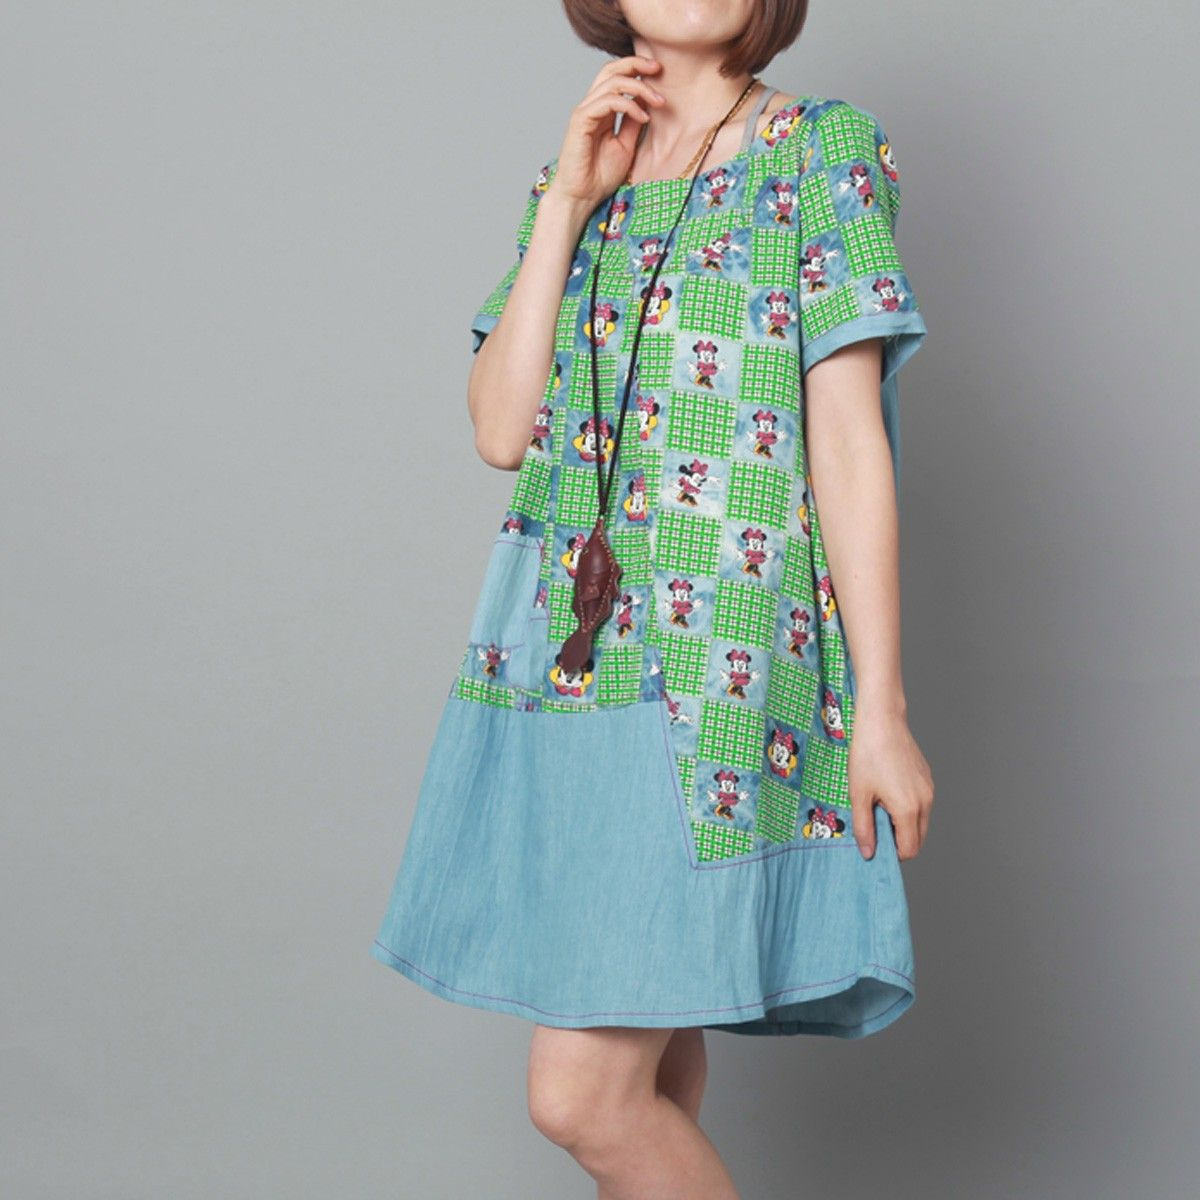 7021d4dff6d Green Mickey print summer shift dress cotton sundress maternity dress